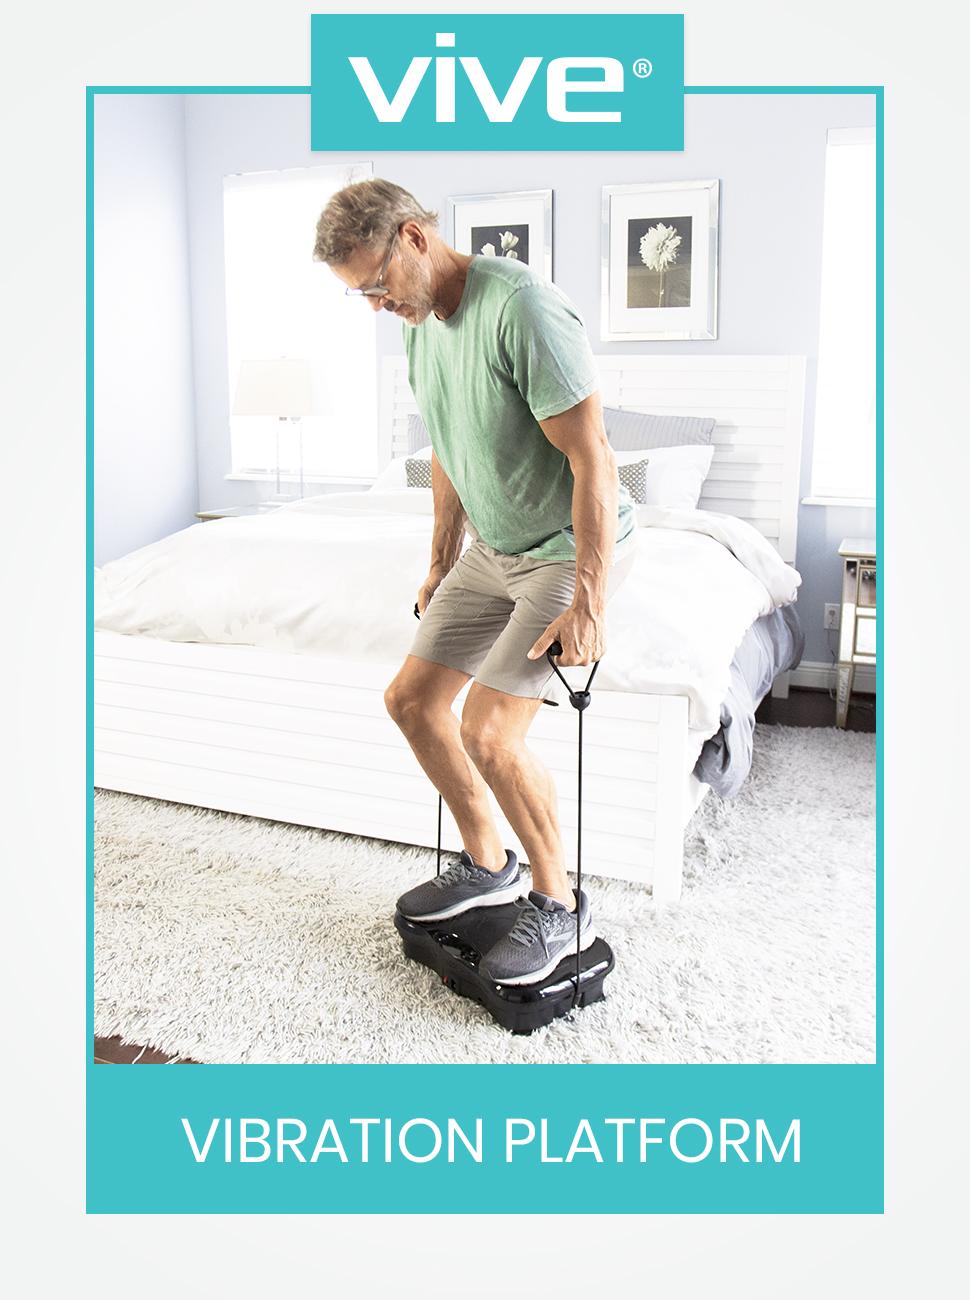 Power Plate - Vibration Platform Resistance Exercise Band - Vibrating Machine Shake Equipment Whole